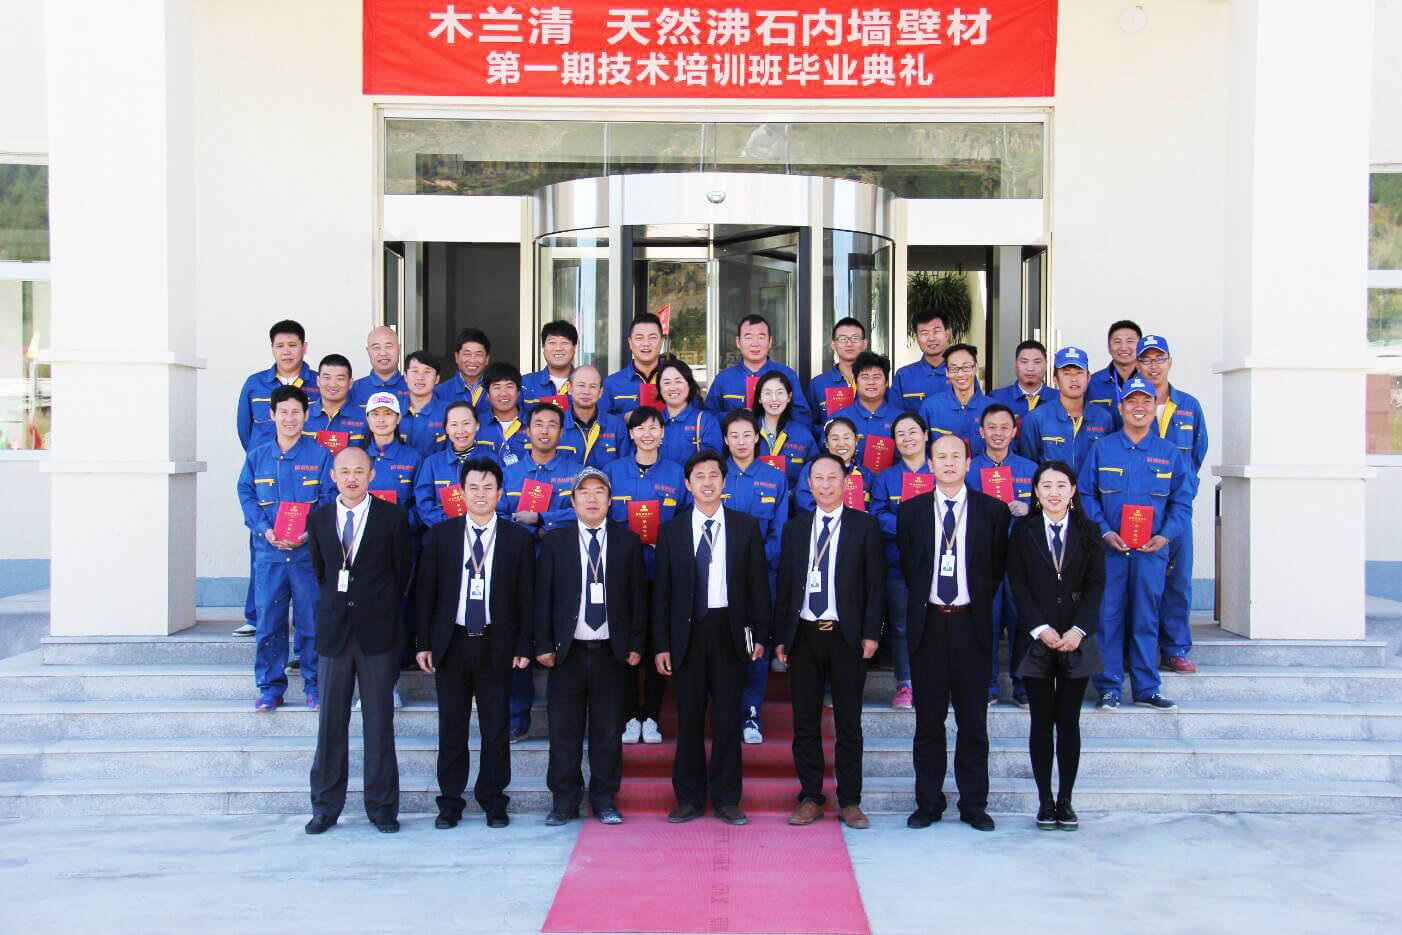 熱烈祝賀首屆木蘭清沸石內墻壁材技術培訓完美結束